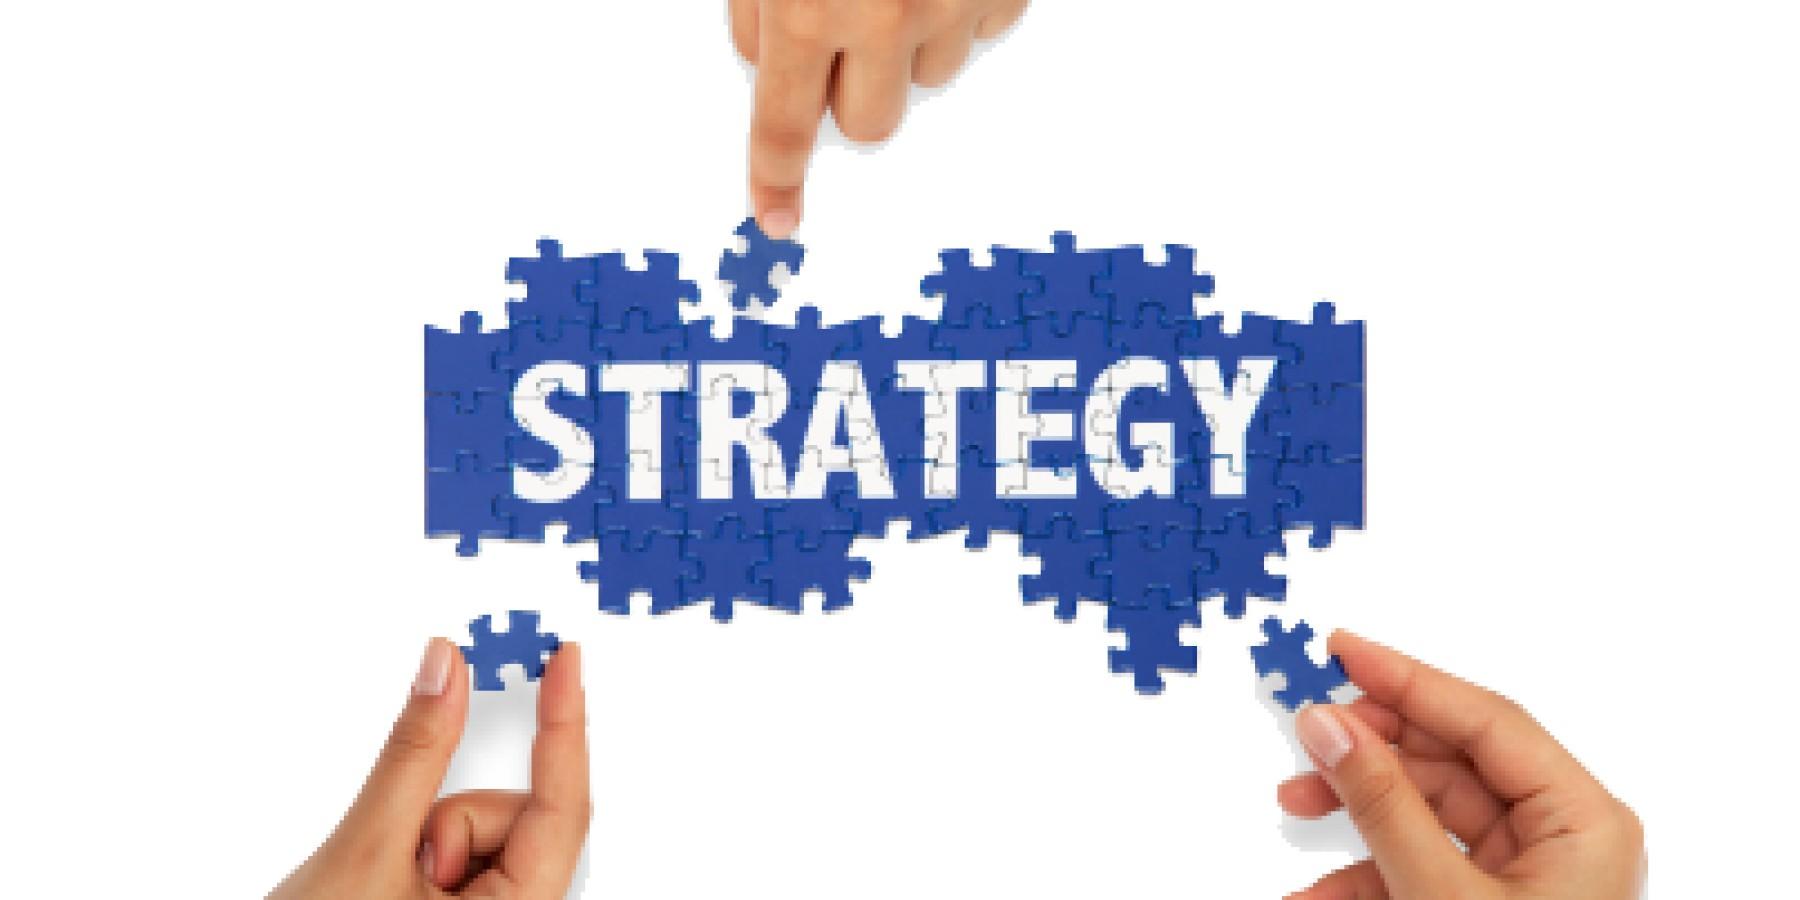 Громадське обговорення напрямків та змісту Стратегії розвитку Білогірської селищної ради до 2027 року